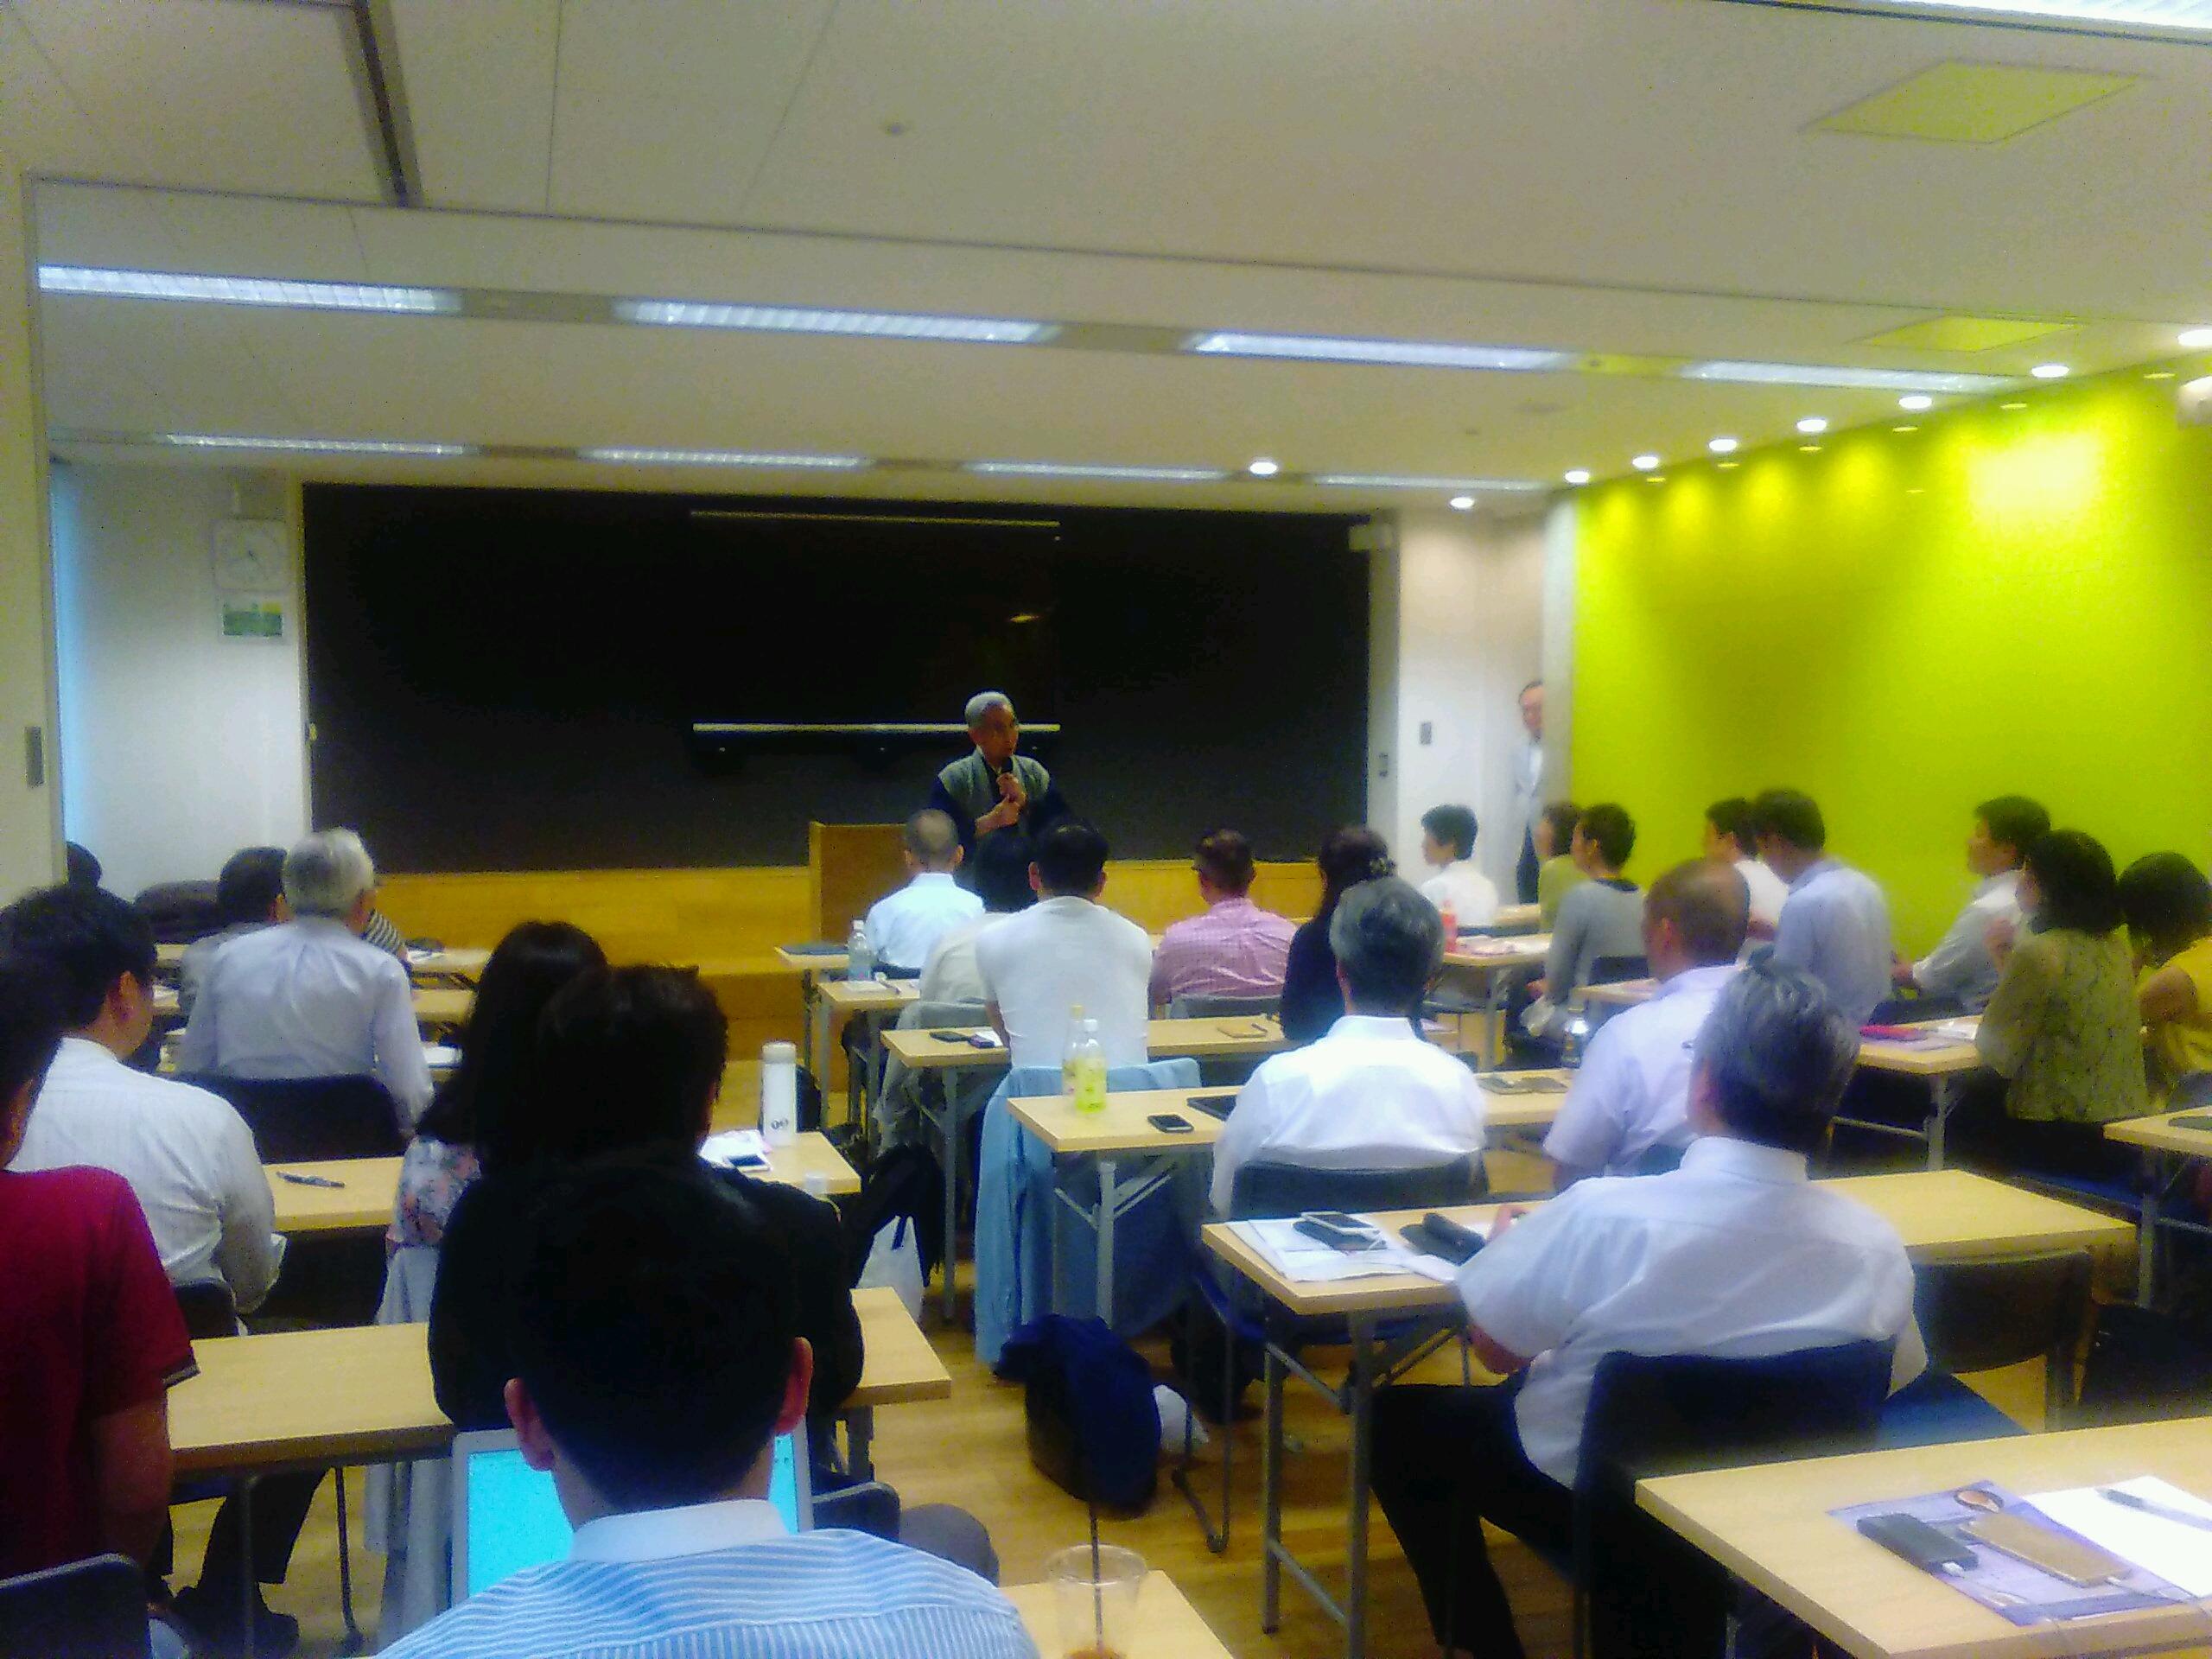 20181006164213 - 2018年10月6日(土)第5回東京思風塾開催しました。